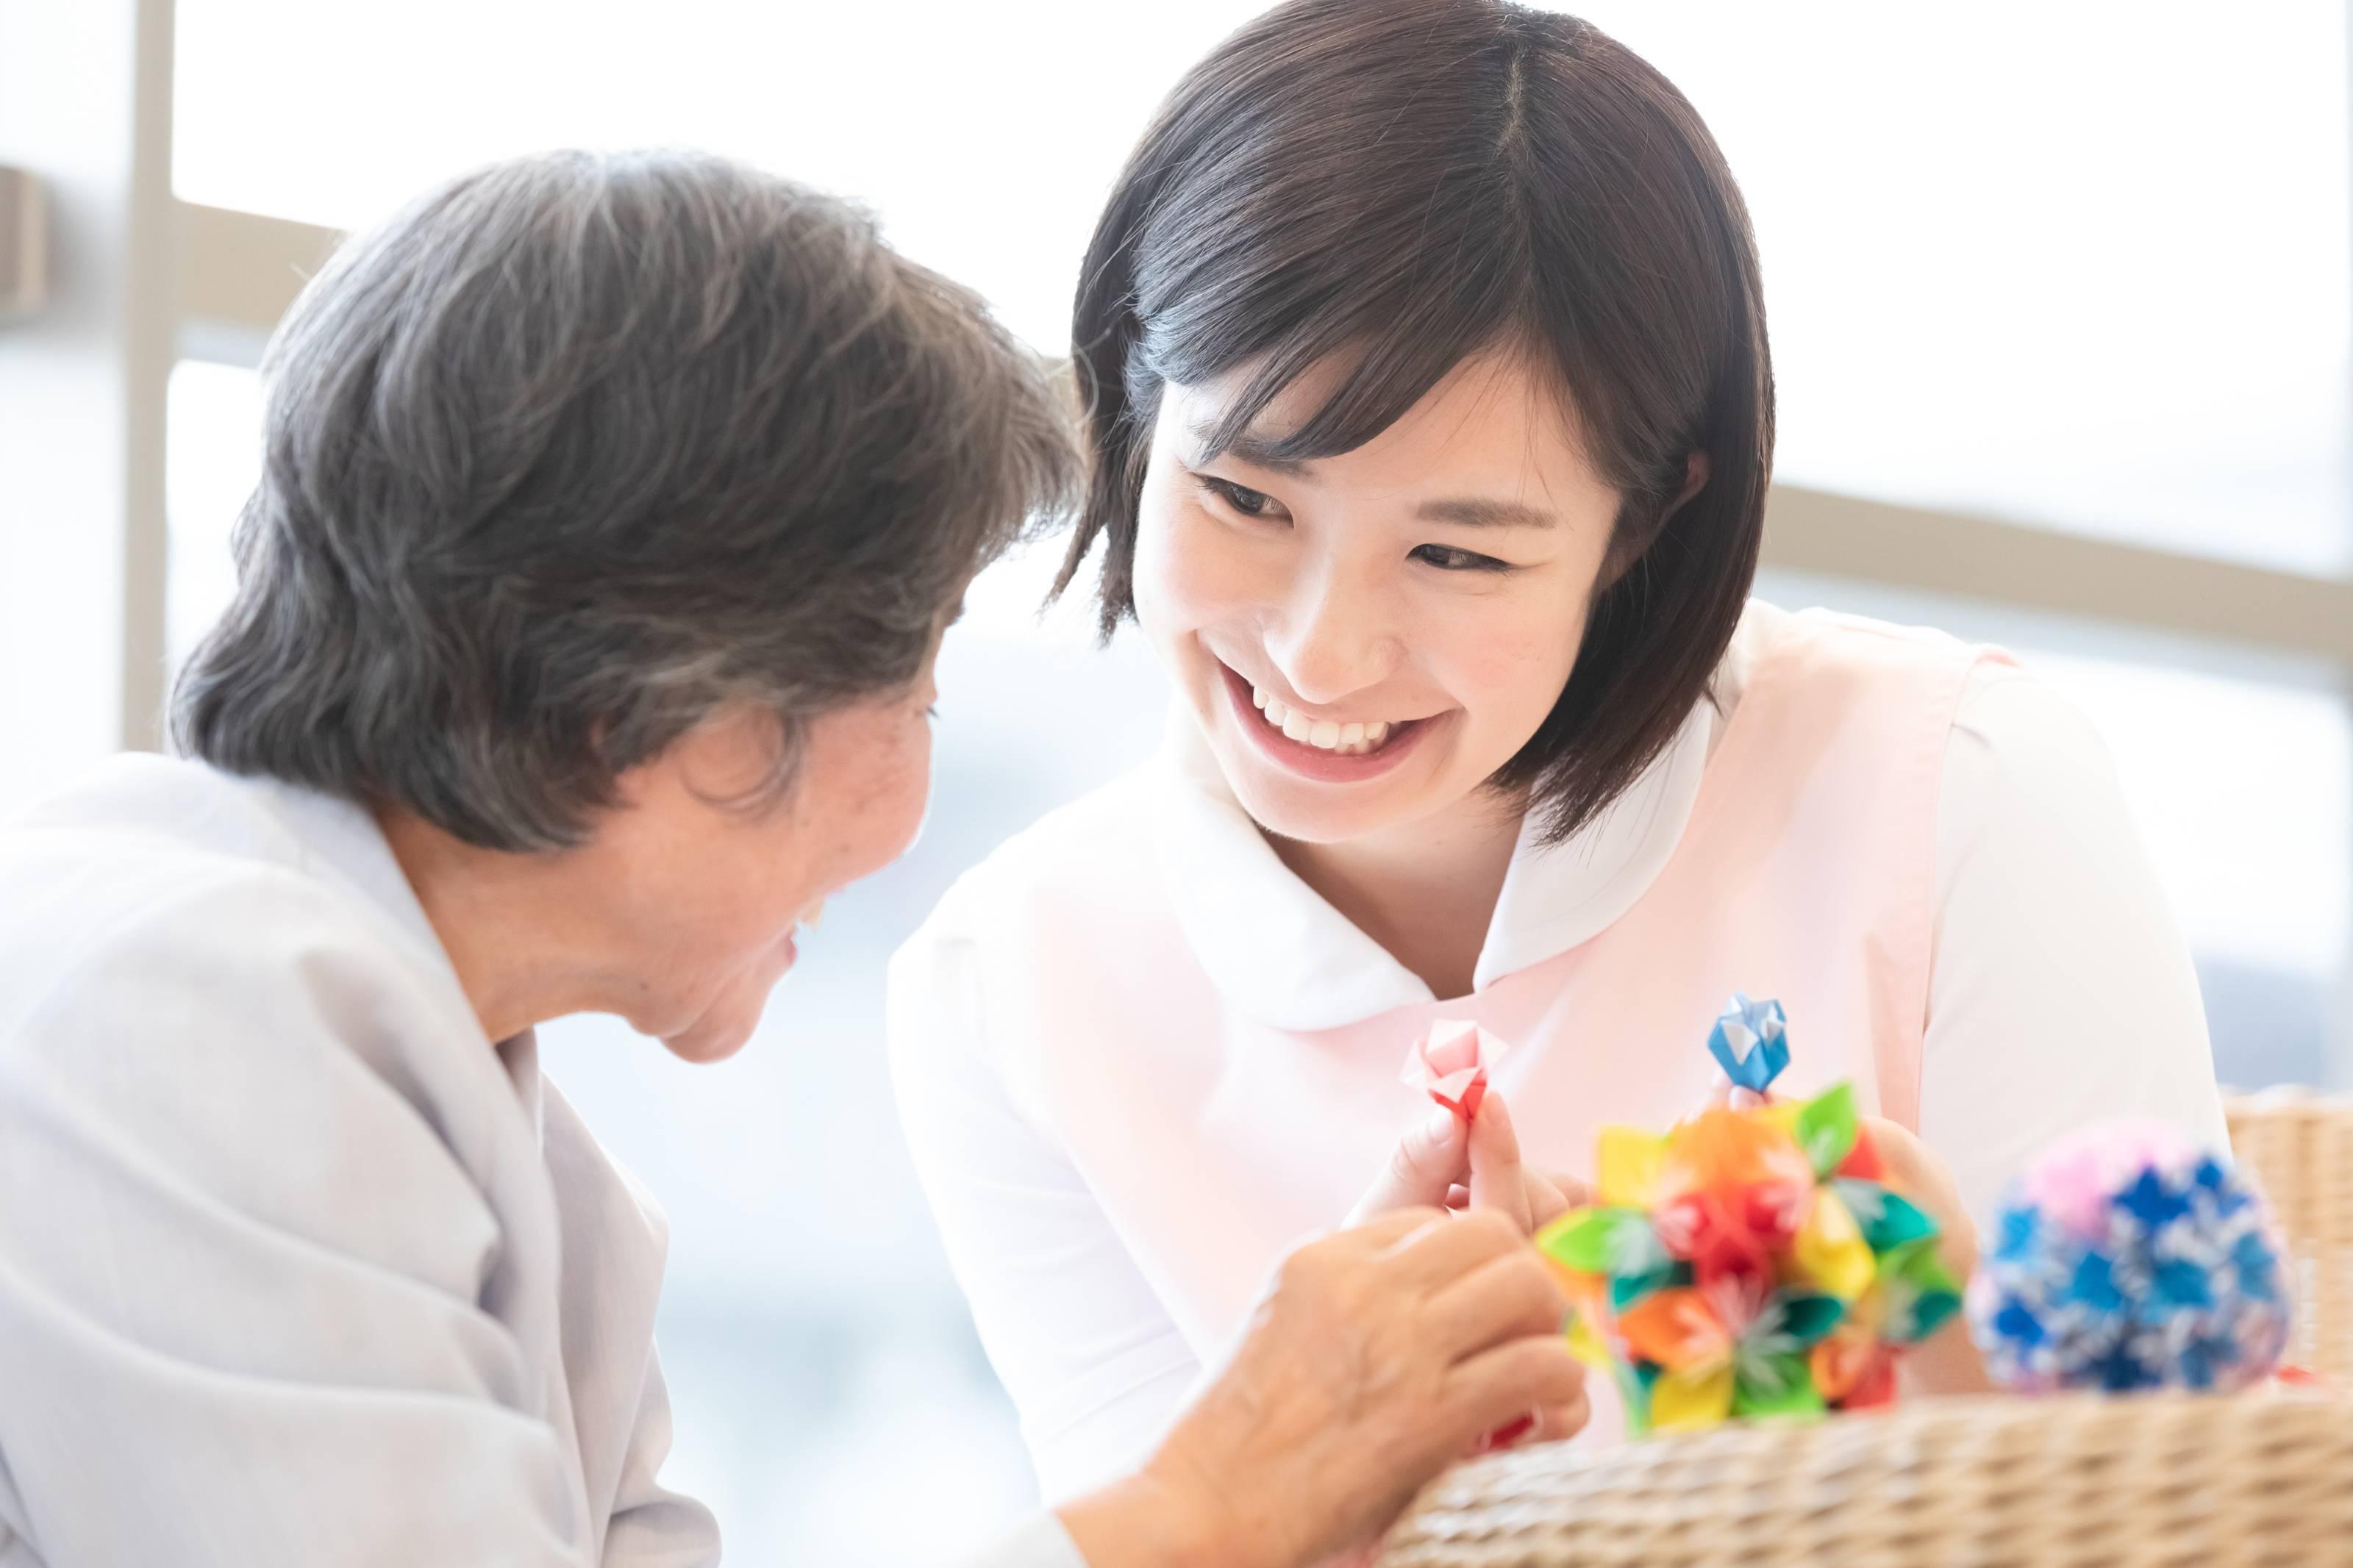 株式会社保健科学研究所 横浜ラボラトリー